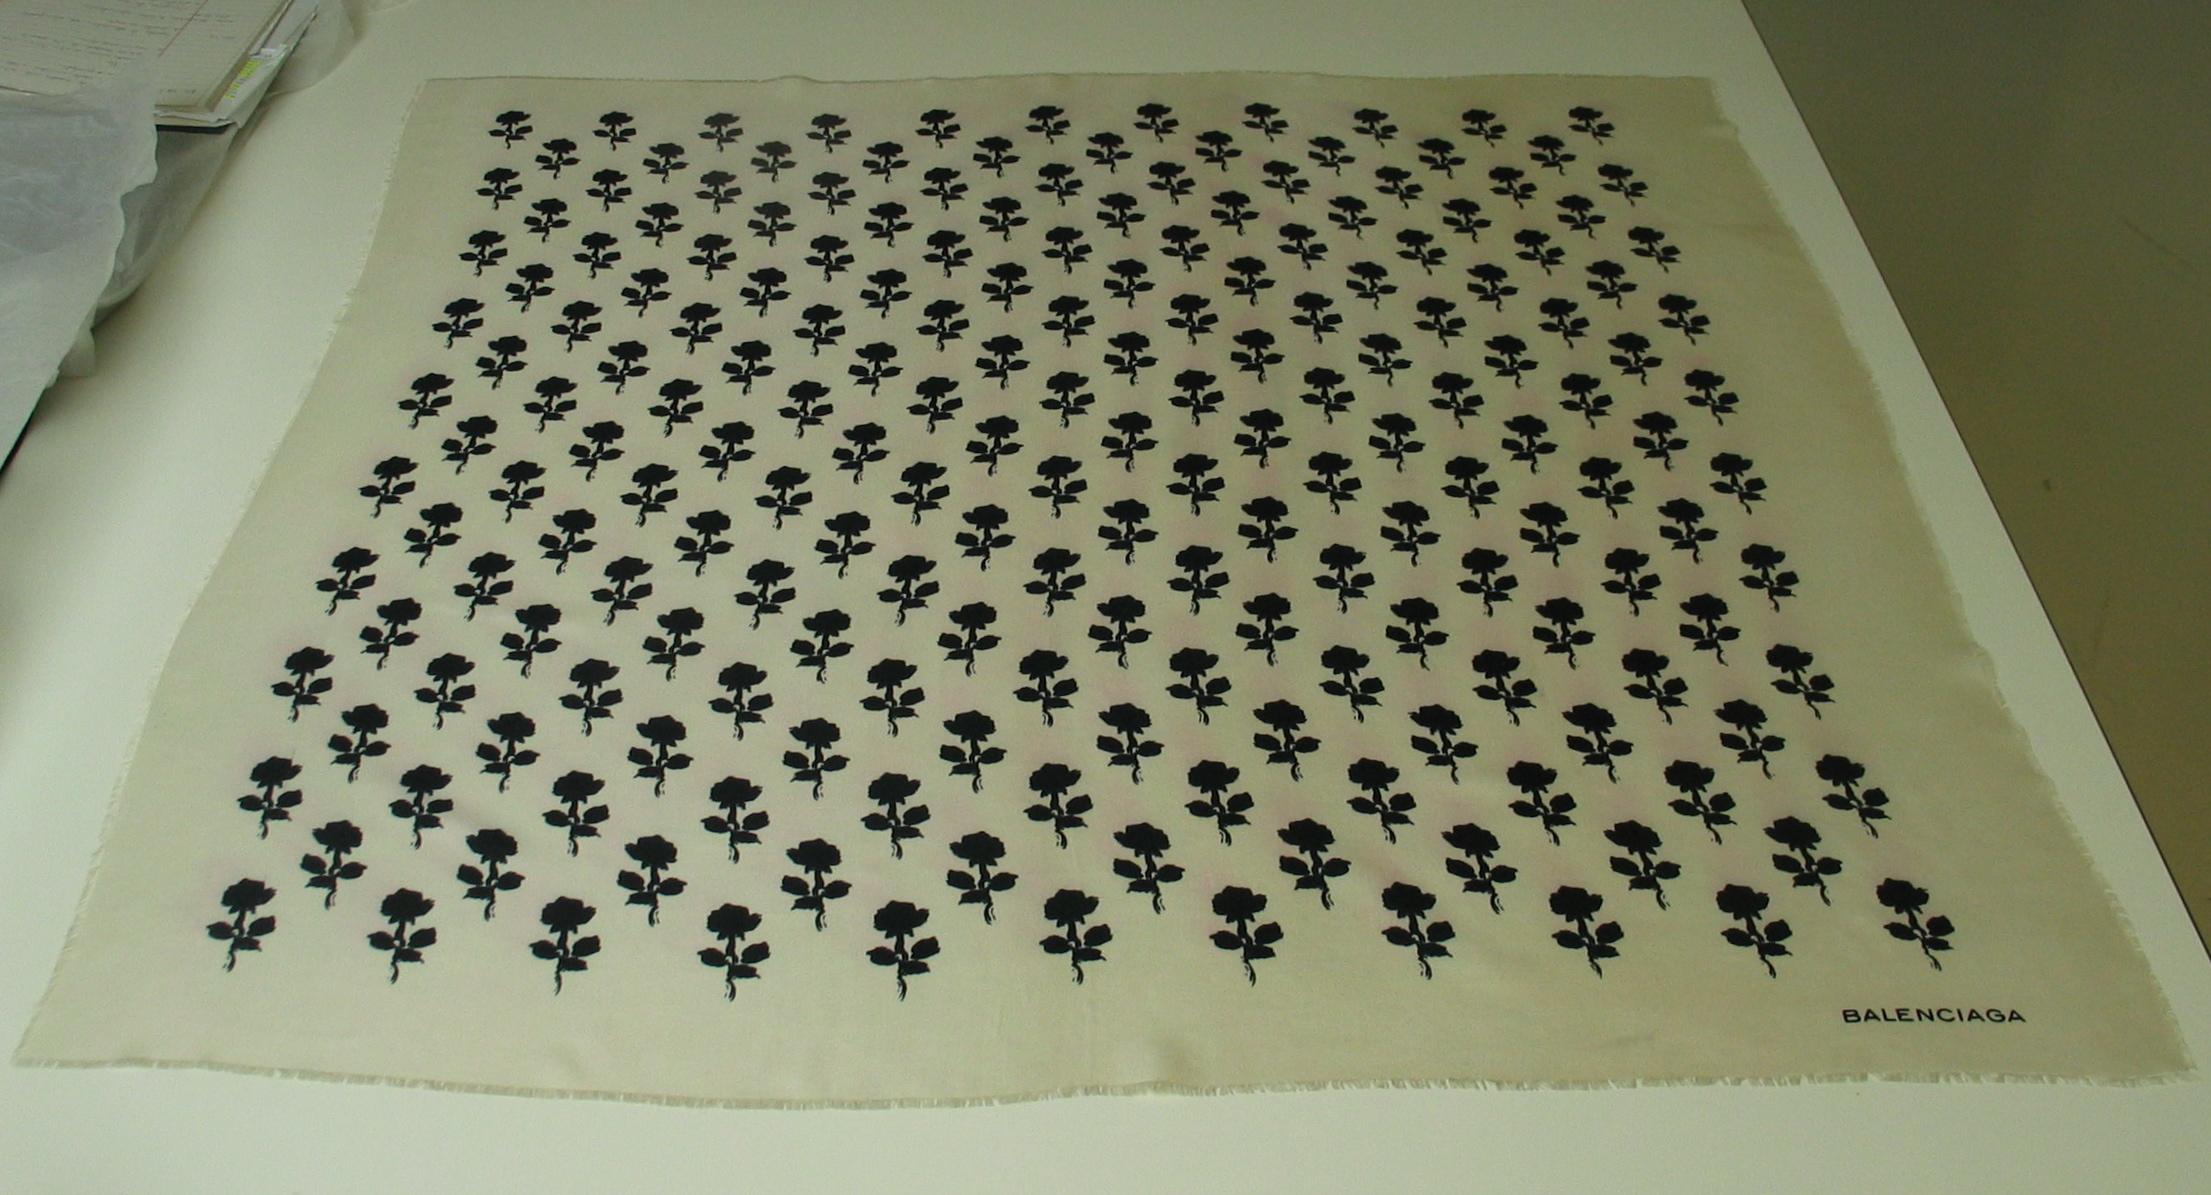 Pañuelo de seda blanco con estampación en negro de rosas con tallo largo